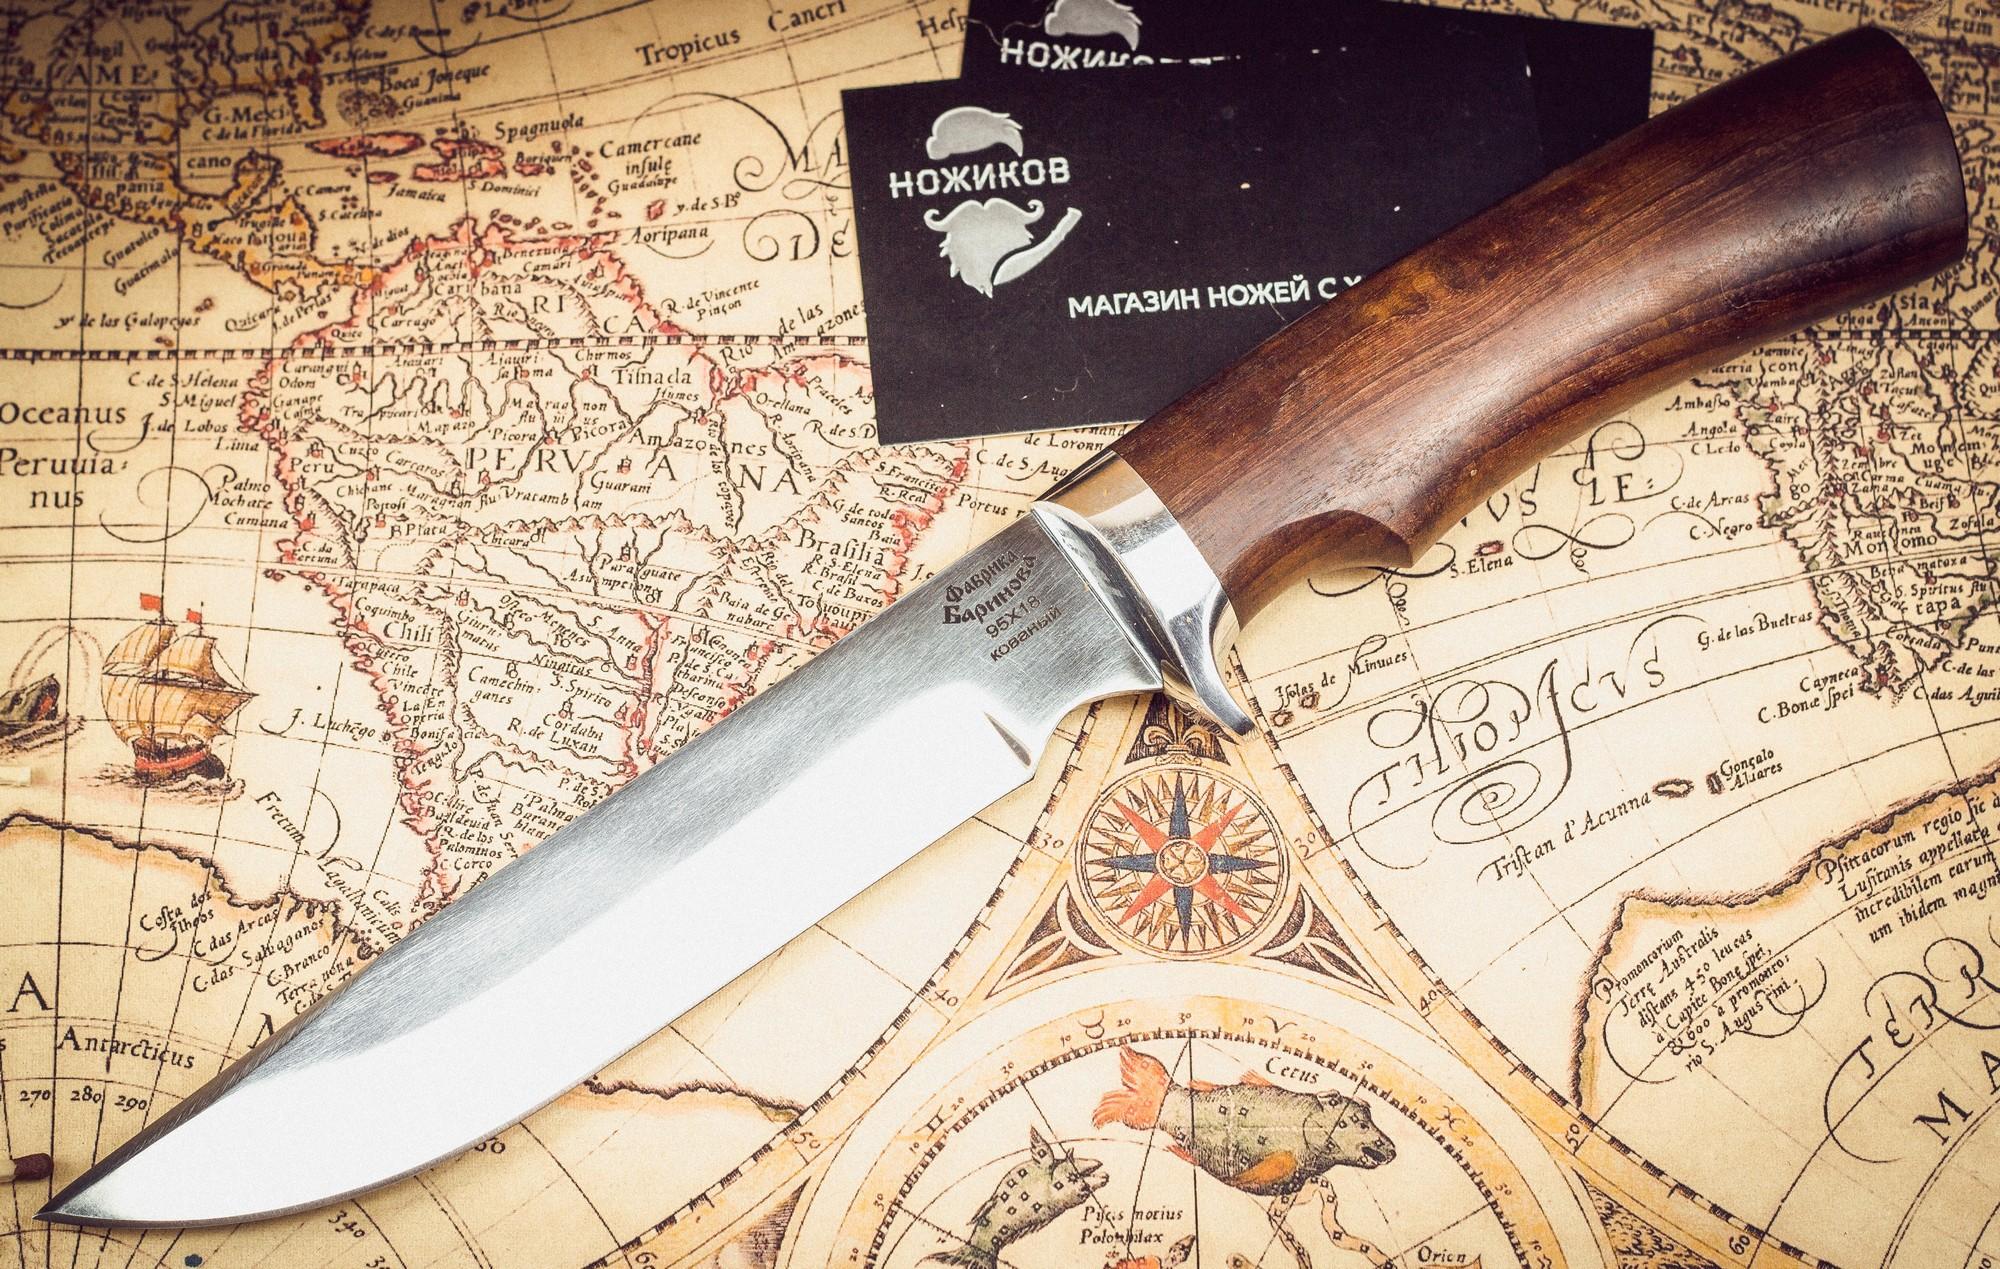 Нож Осетр 65Х13, орех и литье латунь